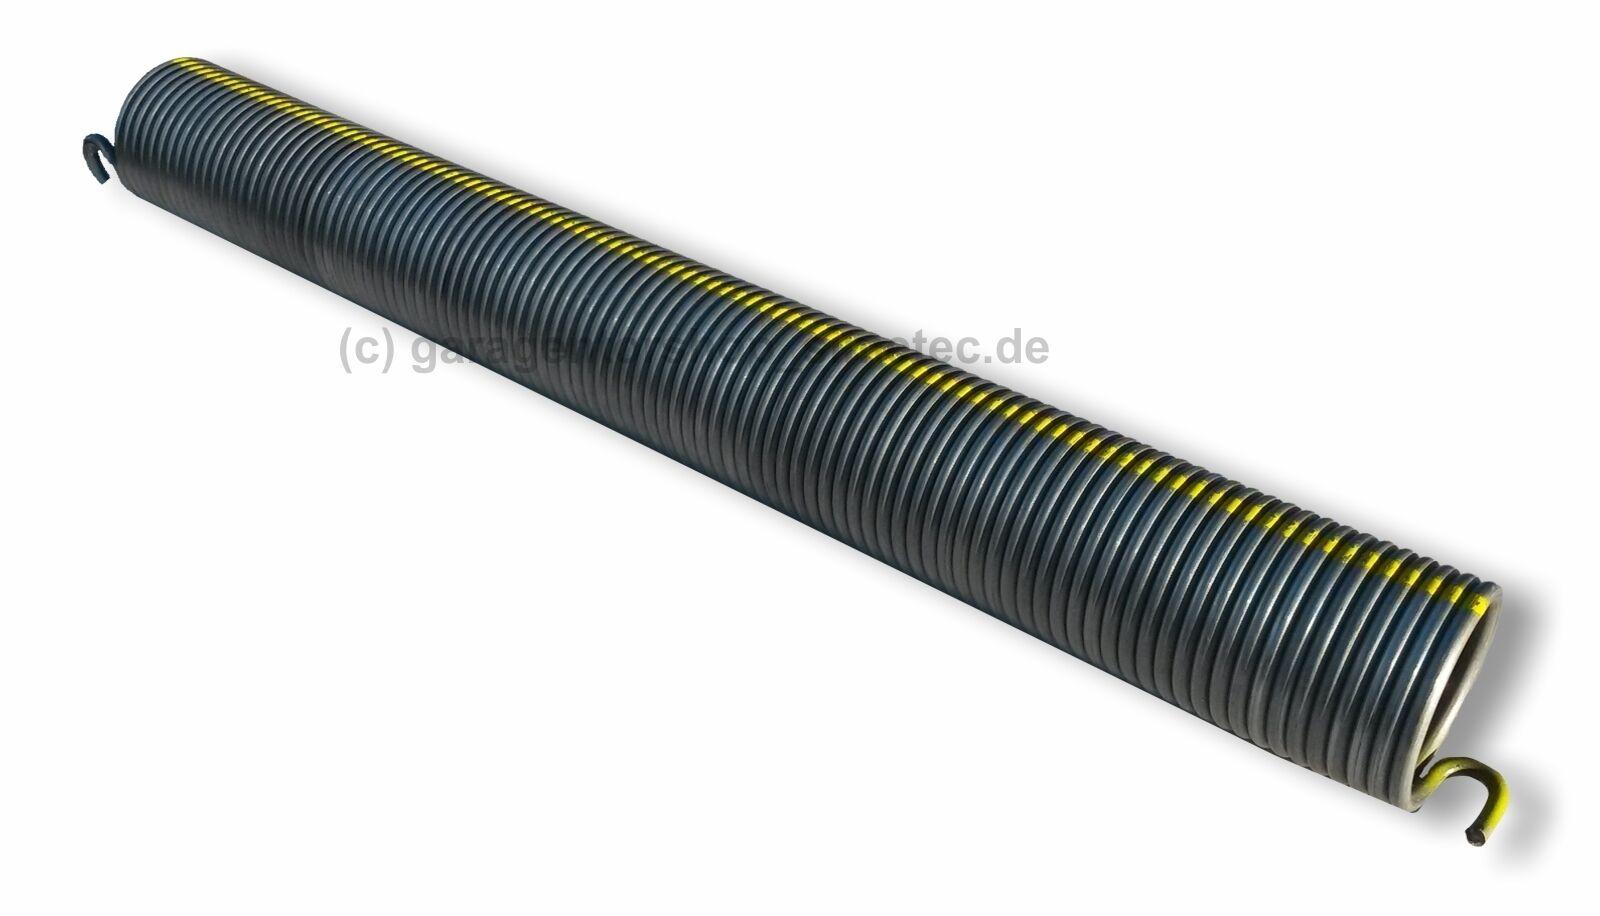 Torsionsfeder kompatibel zu Hörmann ersetzt R720   R29 Garagentorfeder Torfeder